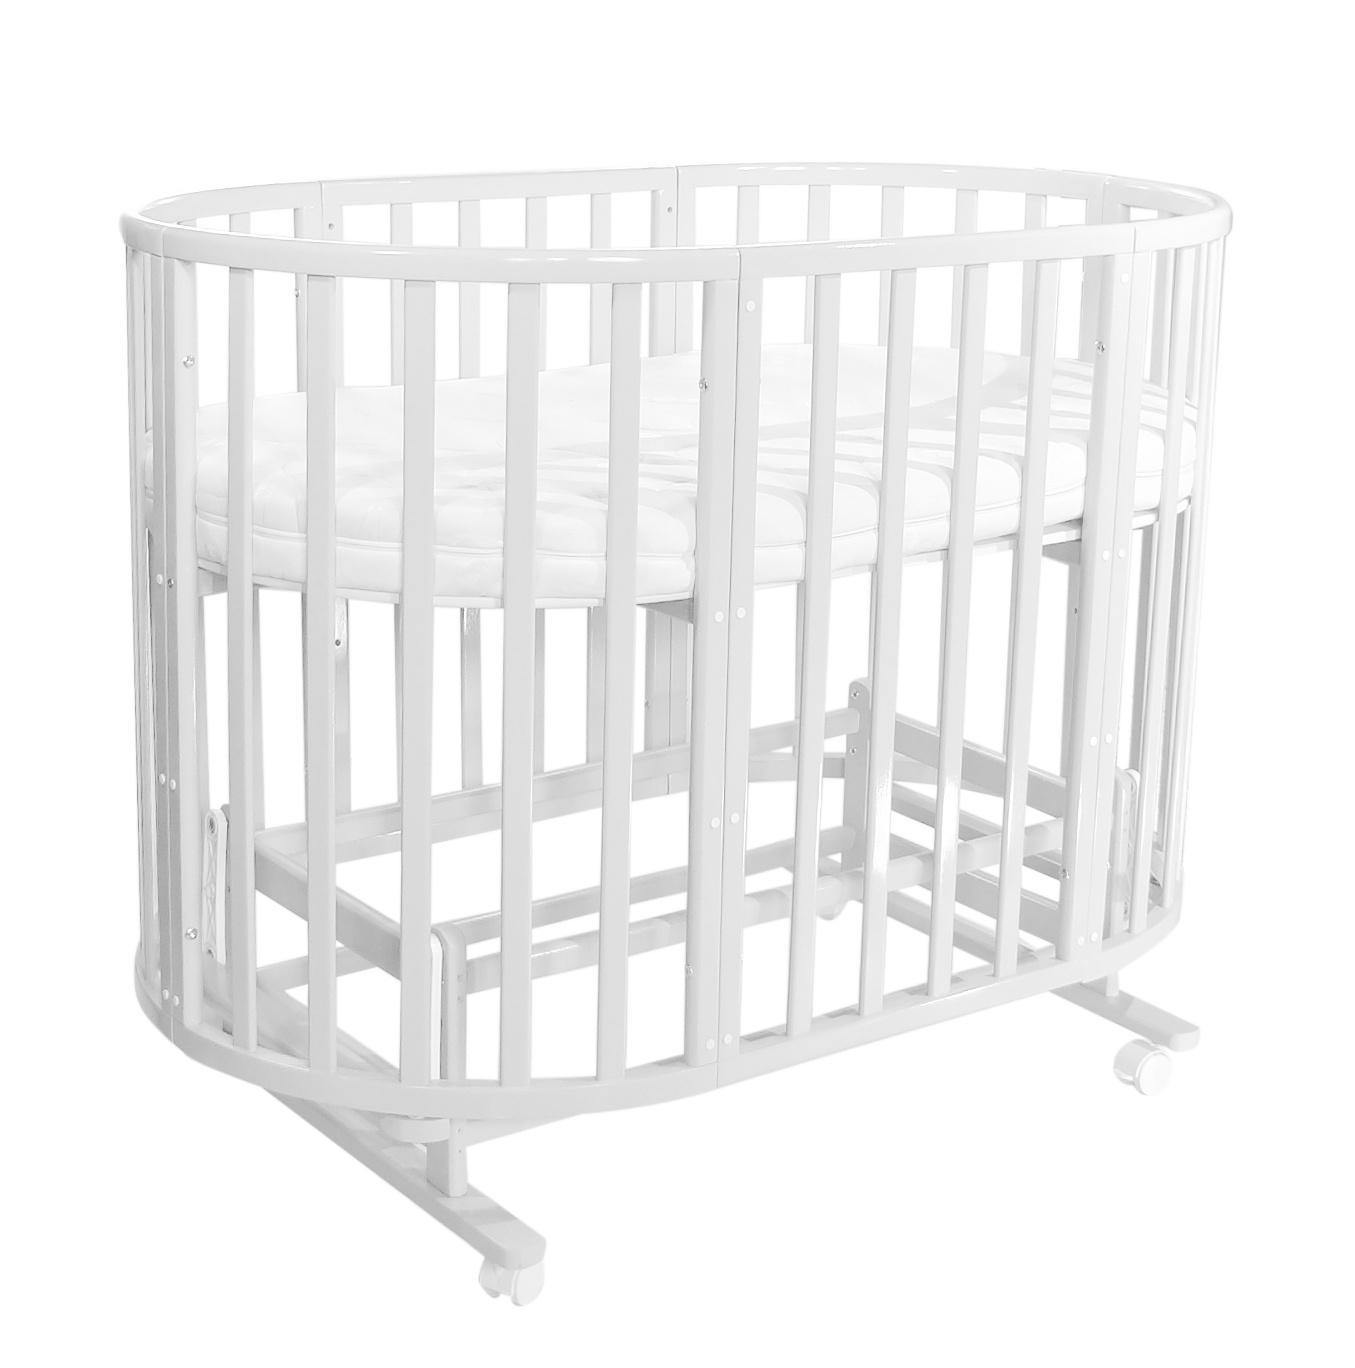 Кроватка детская Everflo Allure 7 в 1 Milk ES-008 с маятником, ПП100004168